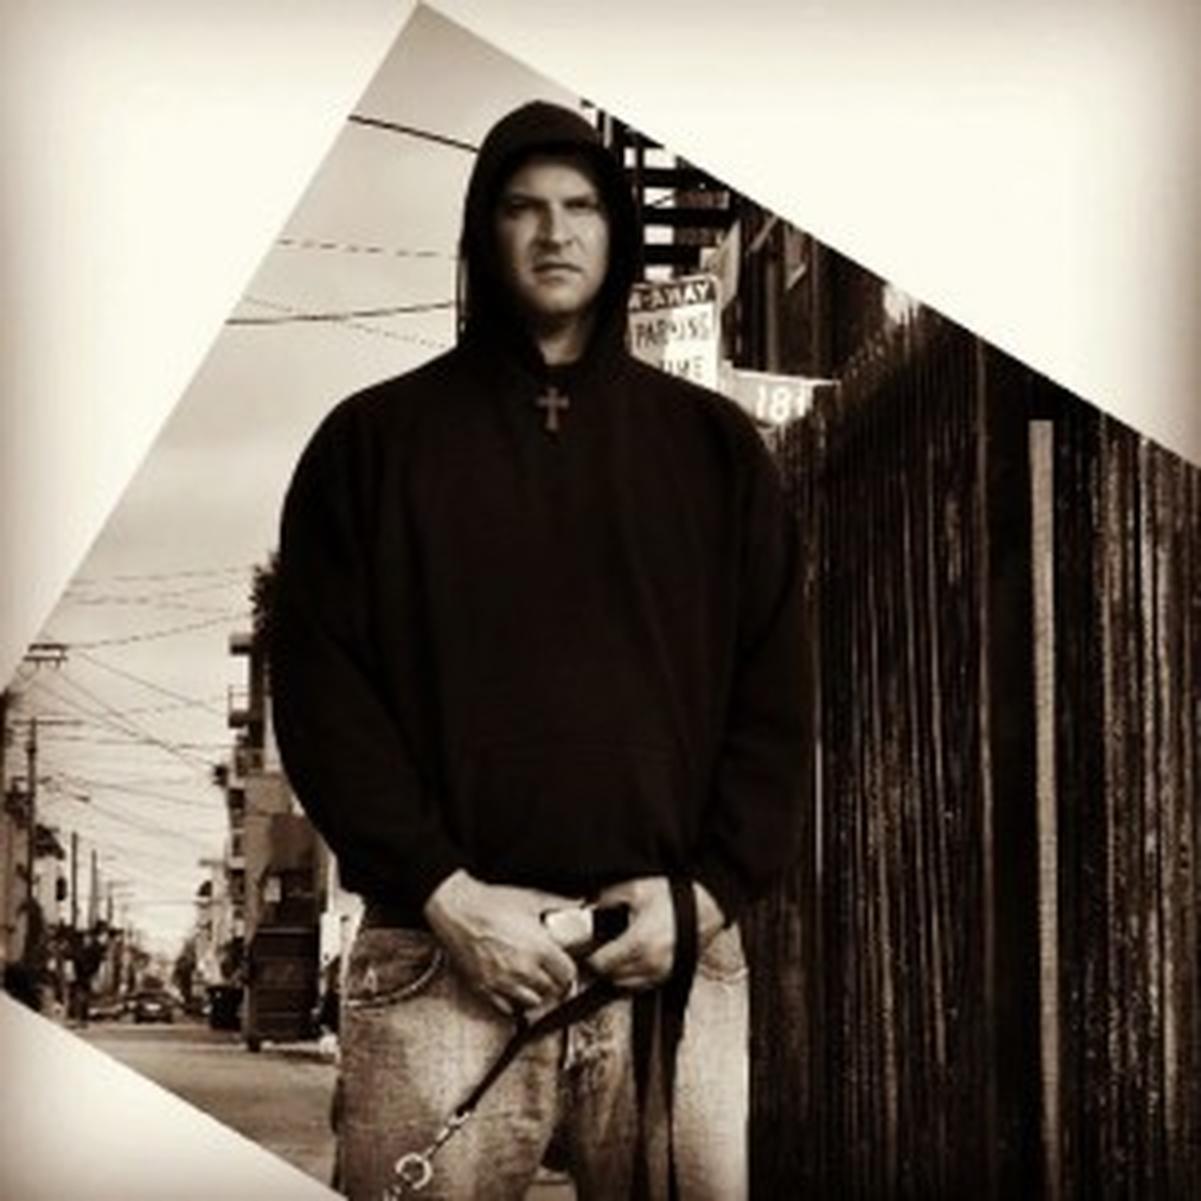 Dave Eleven